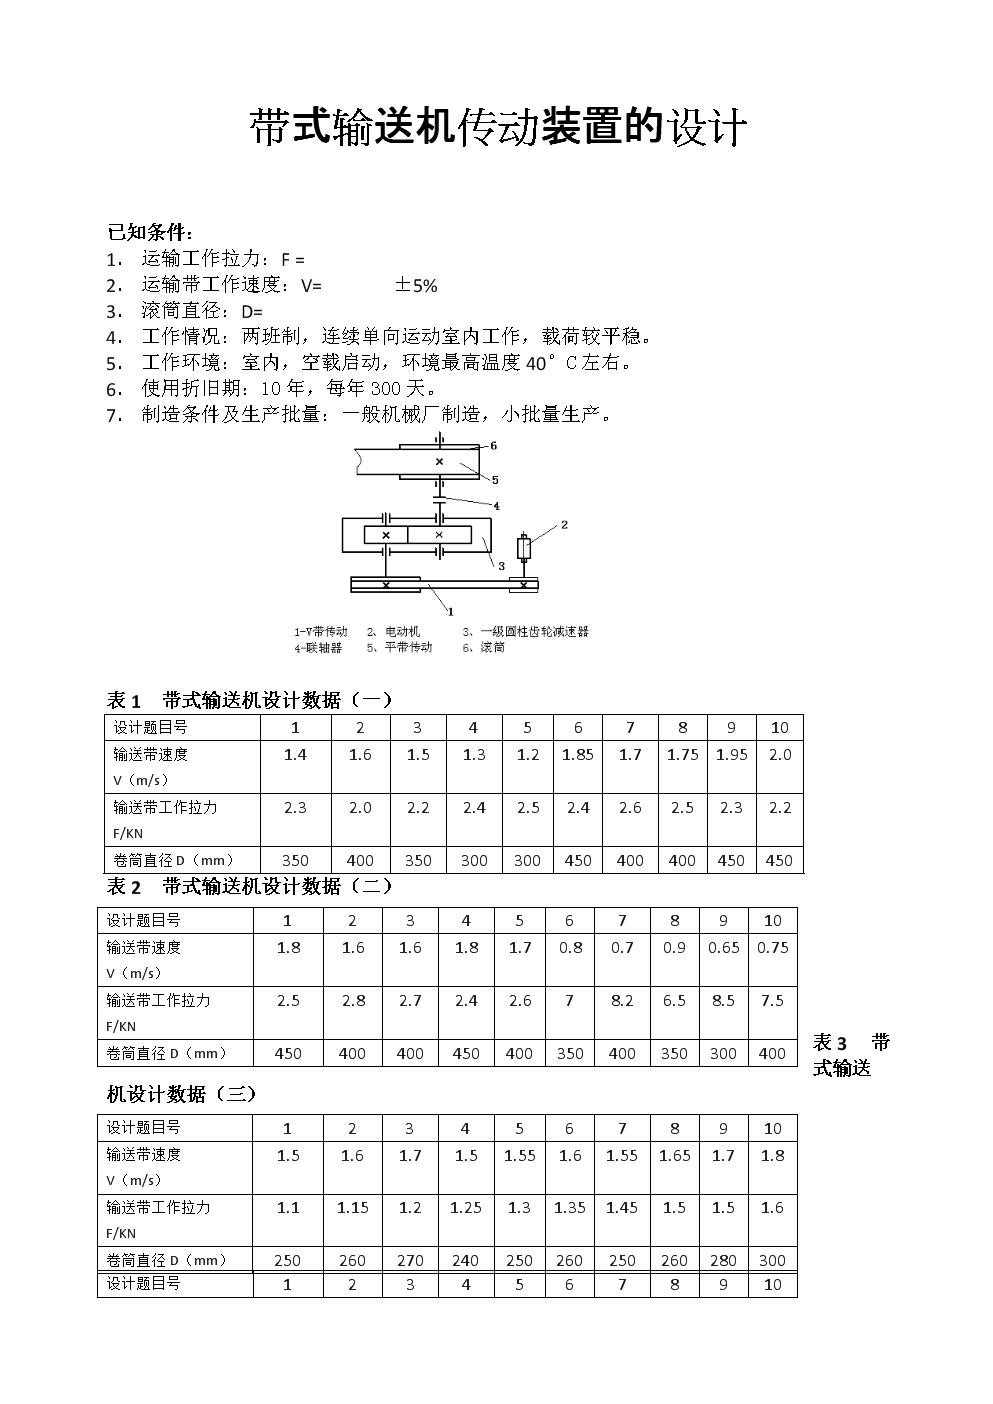 《机械设计基础》课程设计范本.doc图片